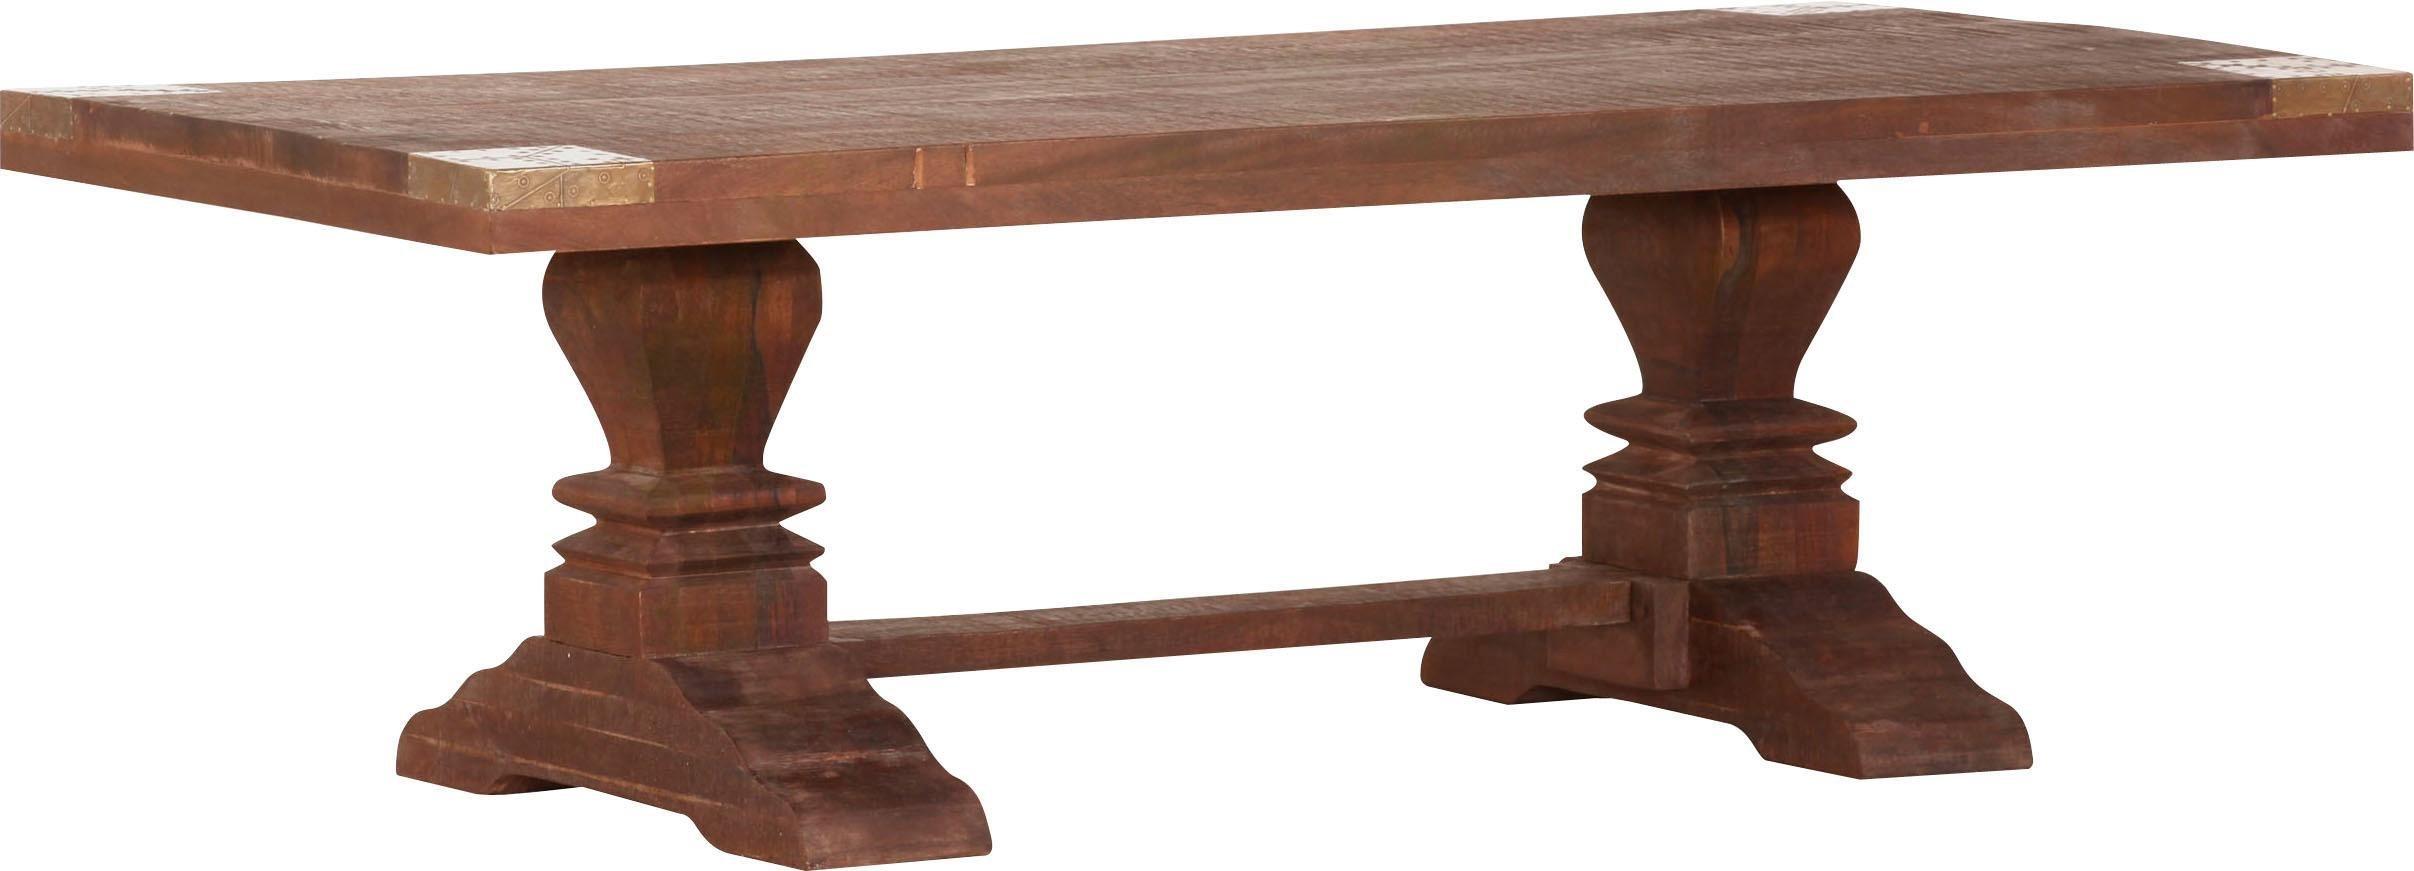 Gutmann Factory Couchtisch »Oriental« aus Massivholz Mango, mit aufwändig gearbeitetem Fußgestell | Wohnzimmer > Tische > Couchtische | Mango | Holz - Mango - Massiv | Gutmann Factory